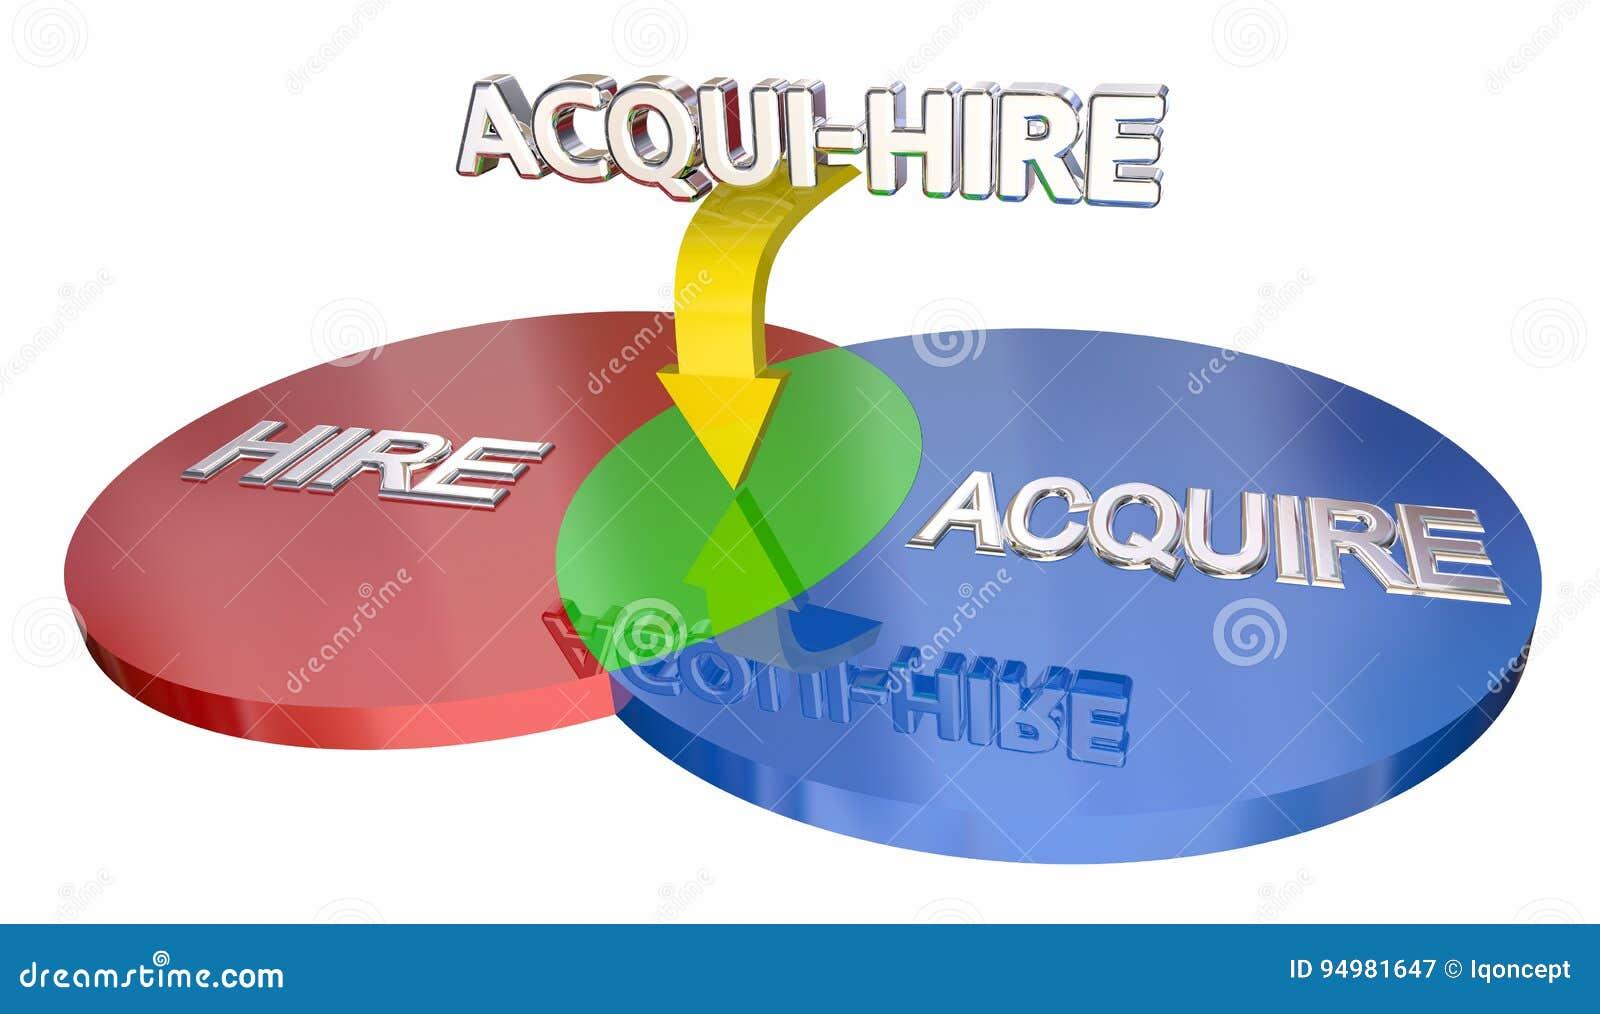 O acqui aluguer adquire o pessoal novo de aluguer venn diagram 3d download o acqui aluguer adquire o pessoal novo de aluguer venn diagram 3d illus do ccuart Gallery